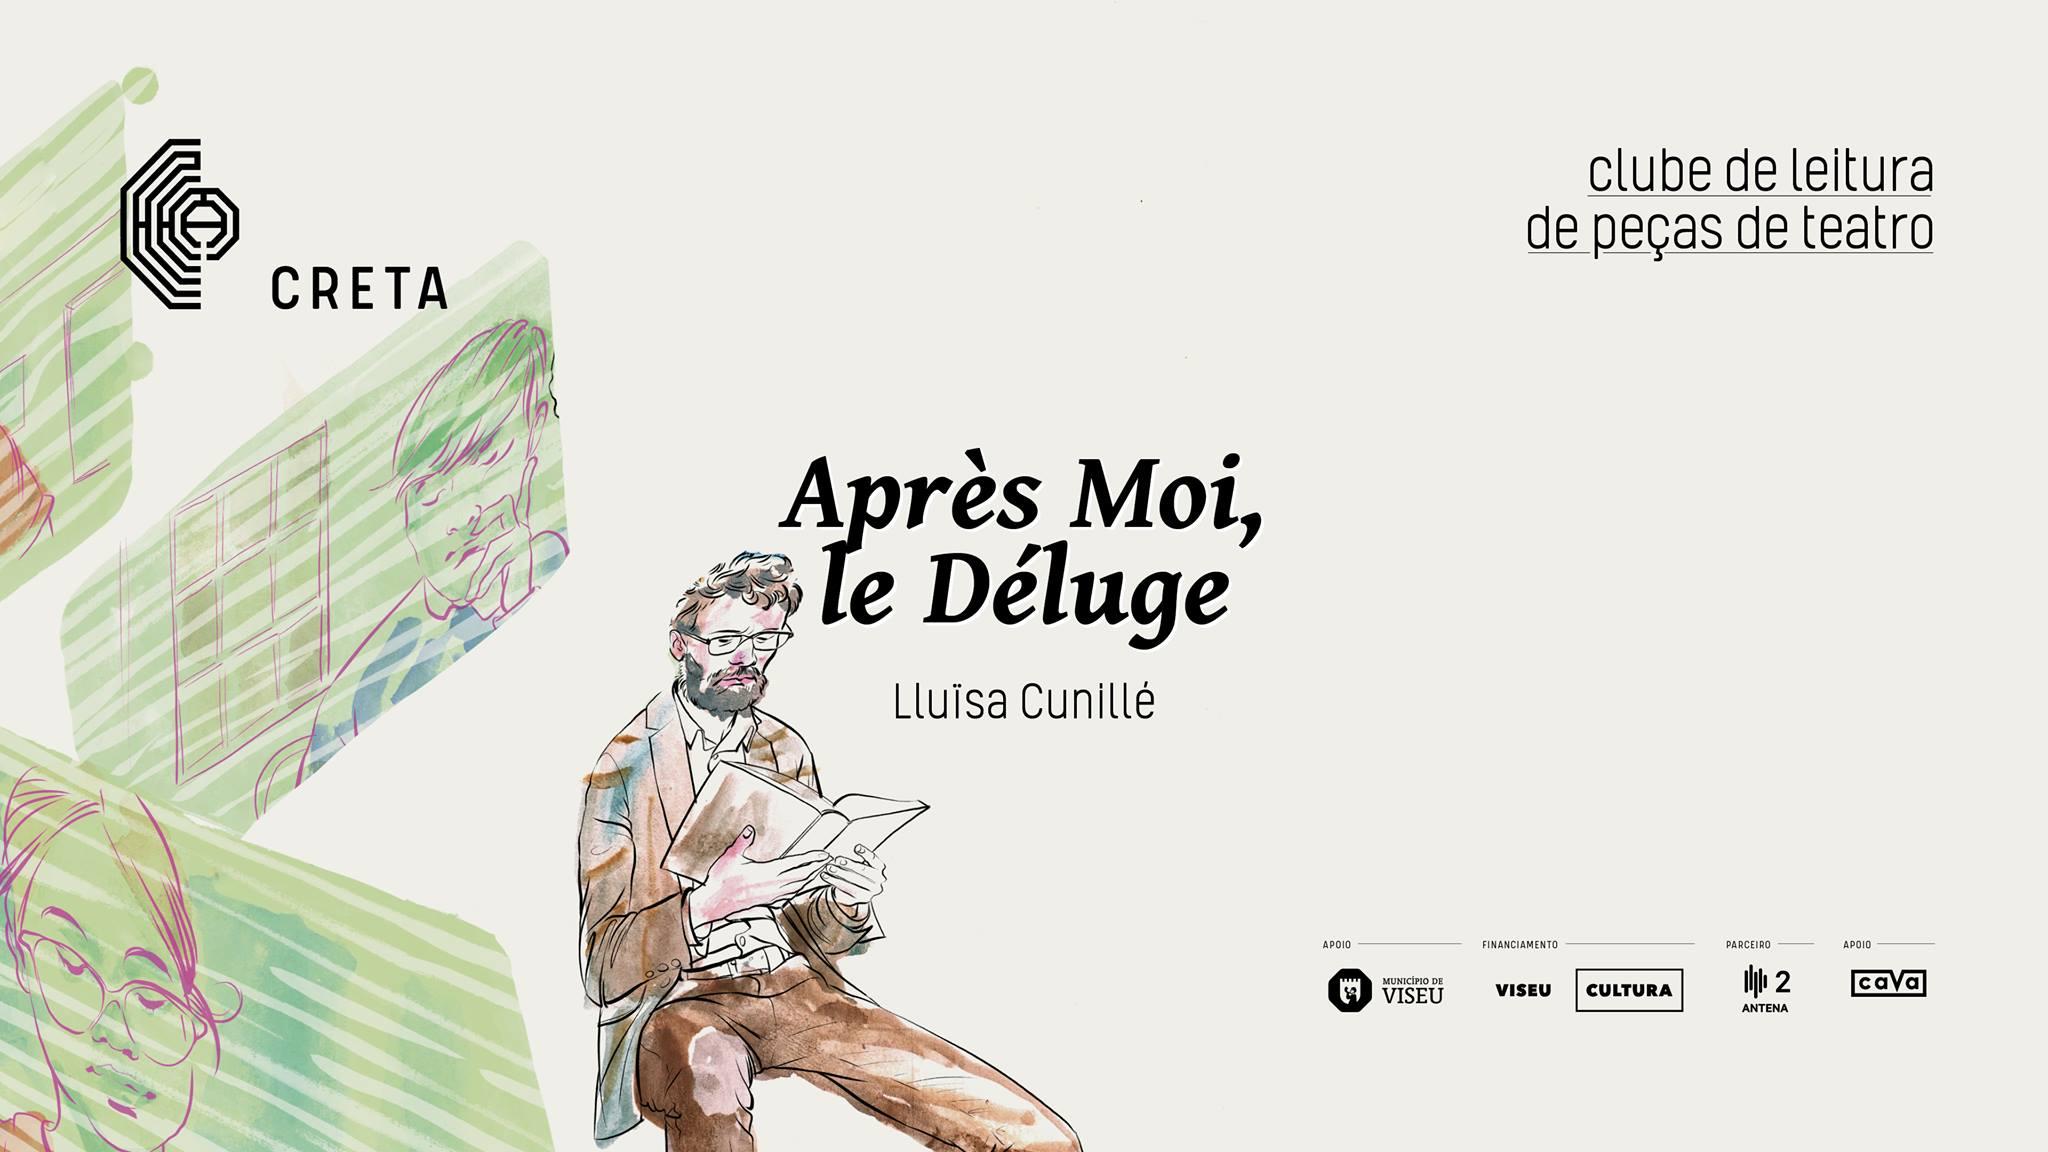 Clube de Leitura de Peças de Teatro: 'Après Moi, le Déluge' de Lluïsa Cunillé